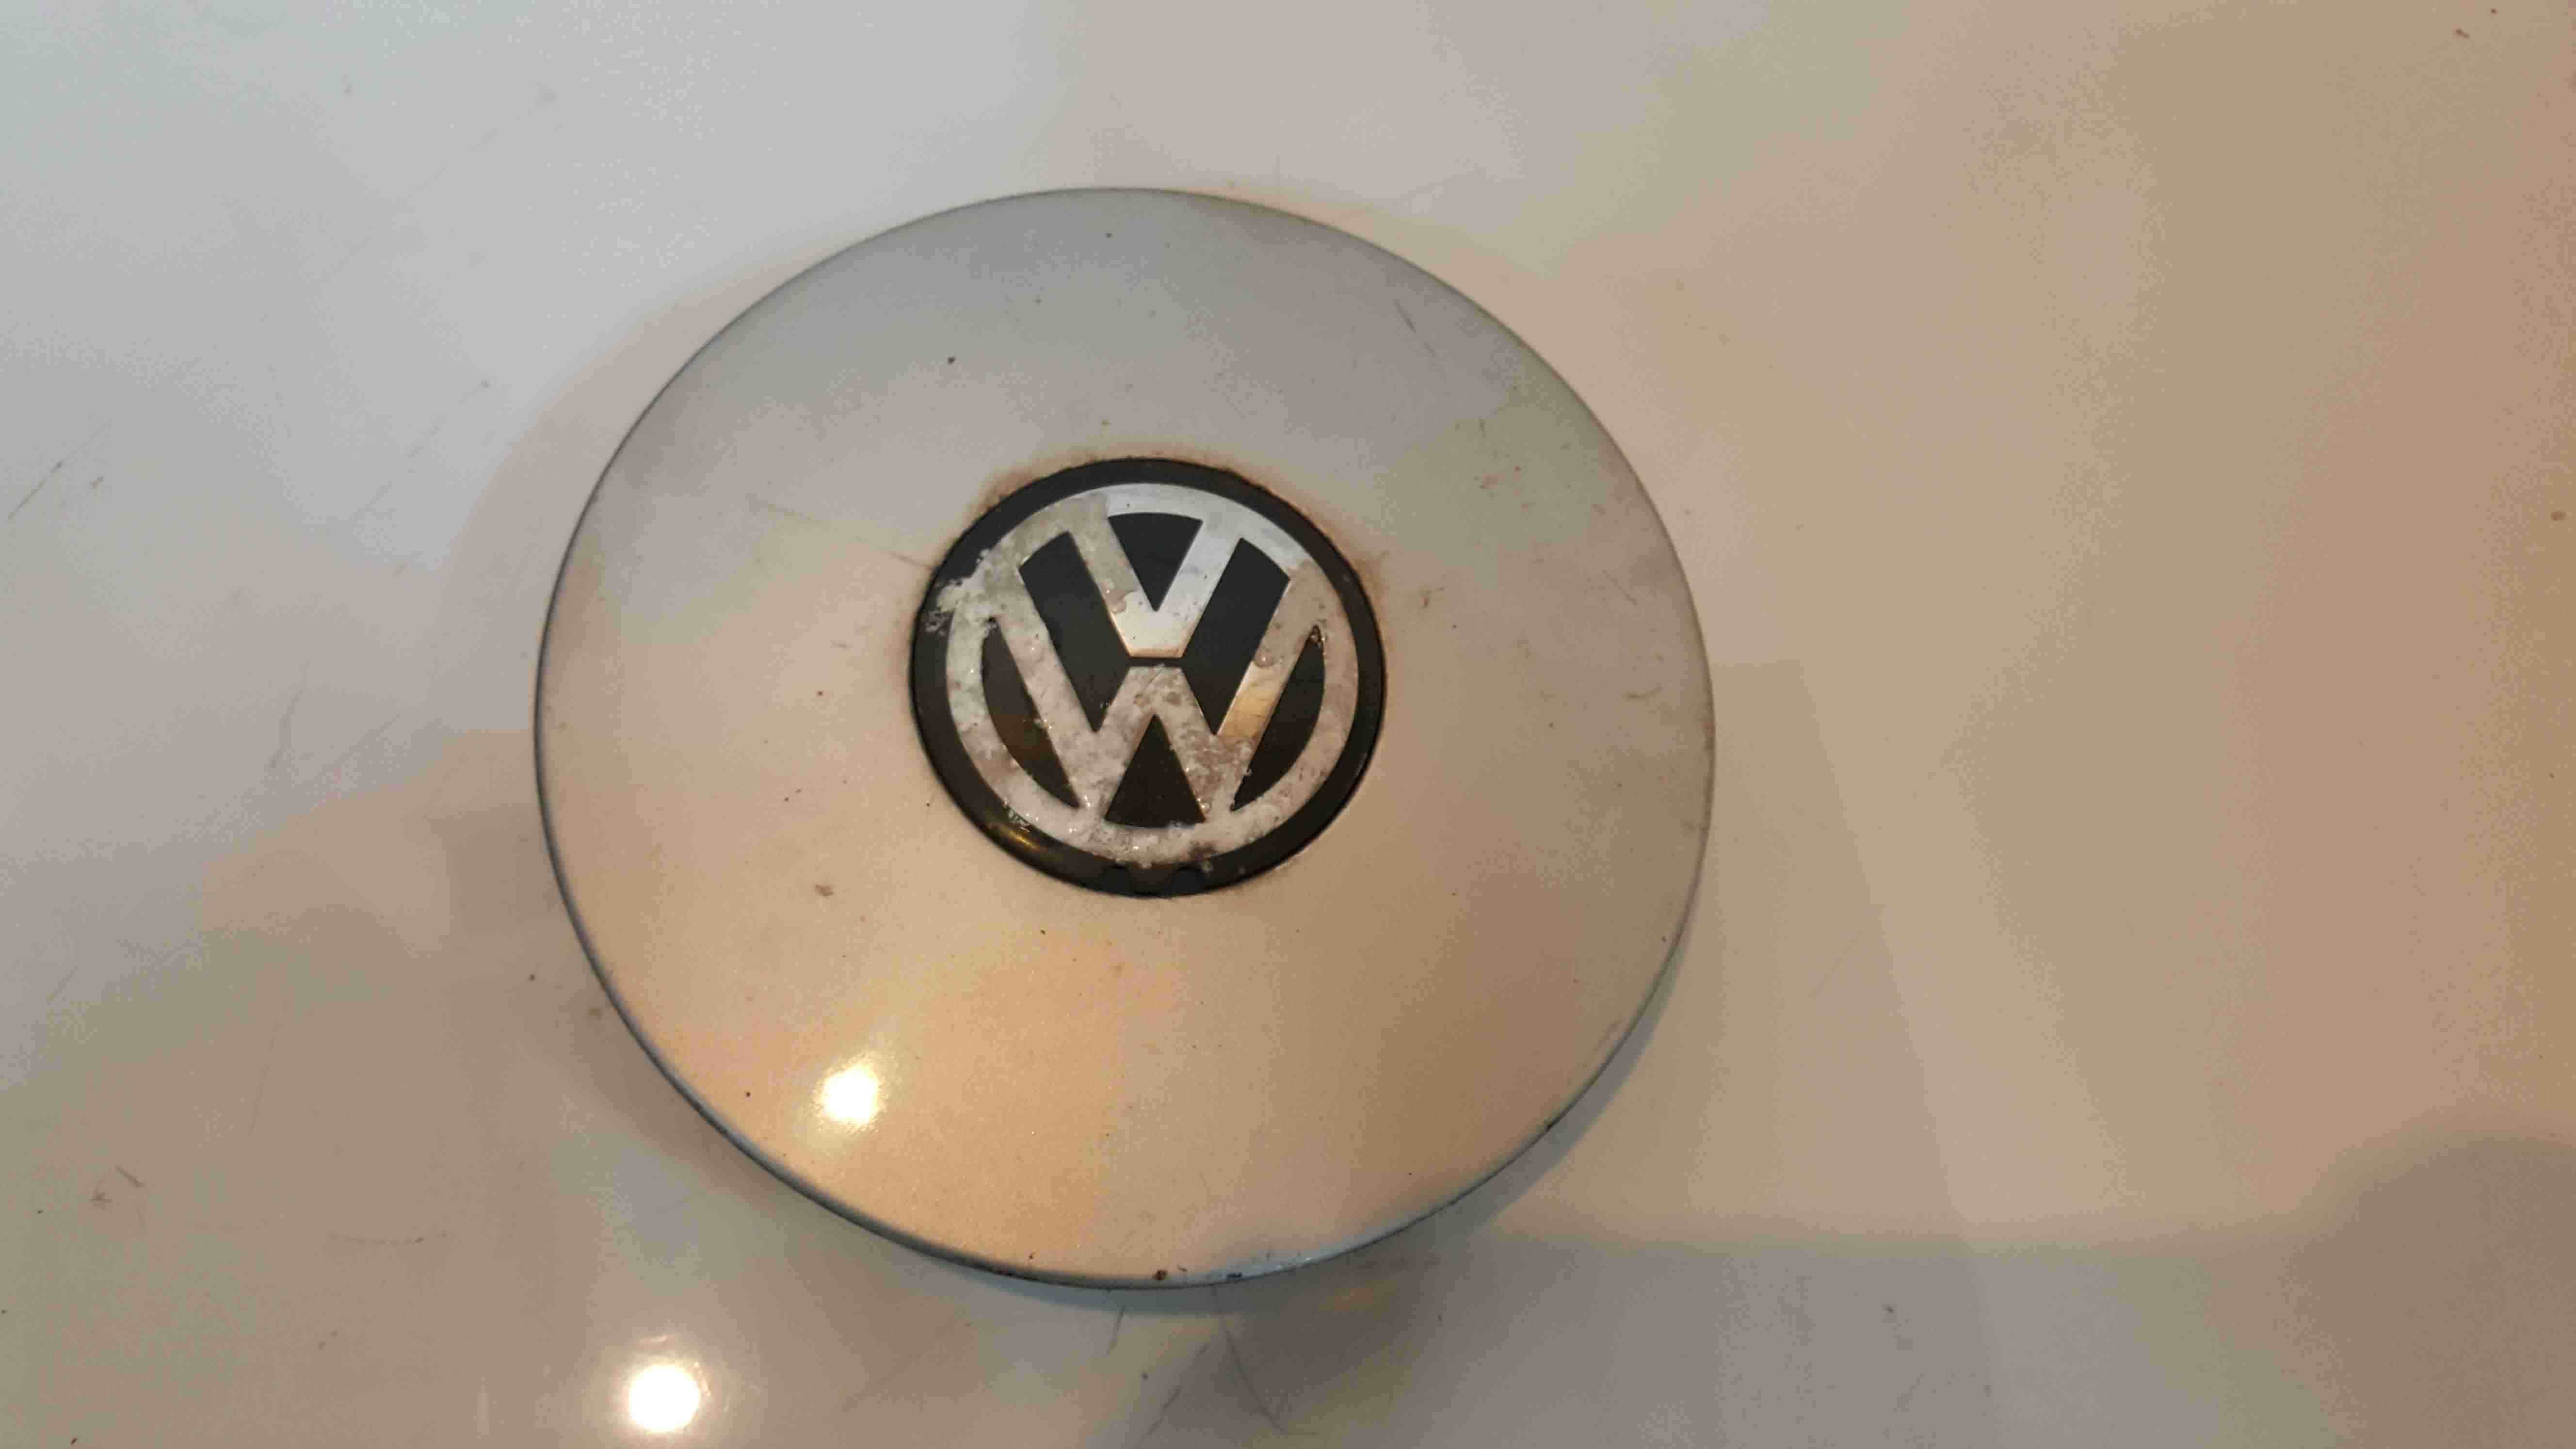 Volkswagen Polo 6N 1995-1999 Wheel Centre Cap Cover 6N0601149E